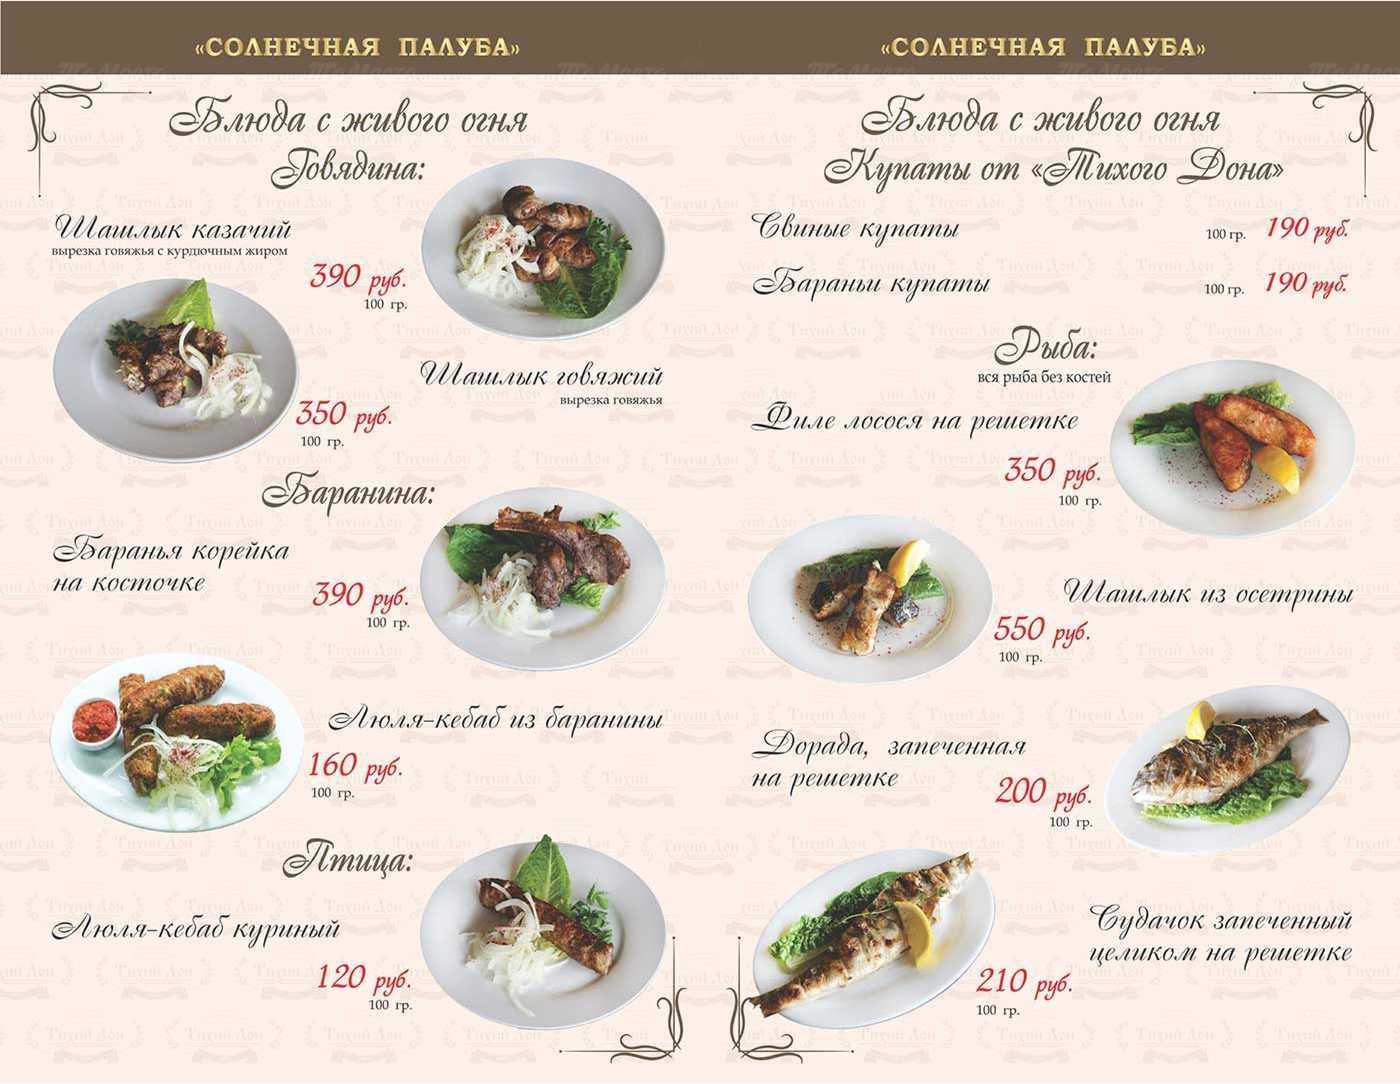 Меню ресторана Тихий Дон в Береговой фото 41